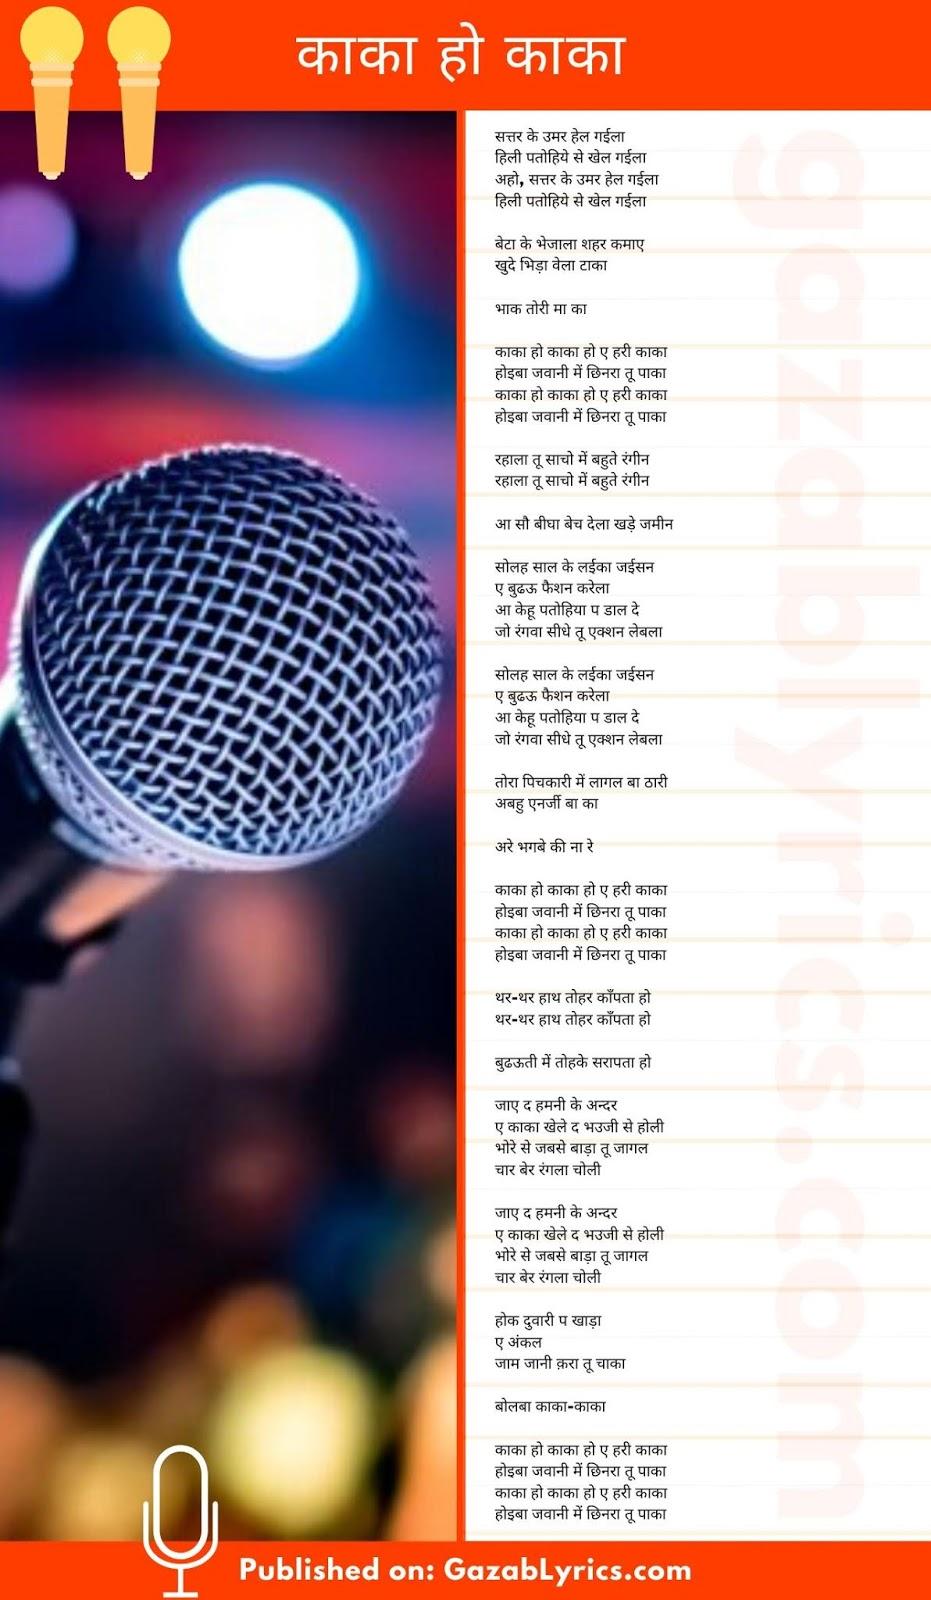 Kaka Ho Kaka song lyrics image